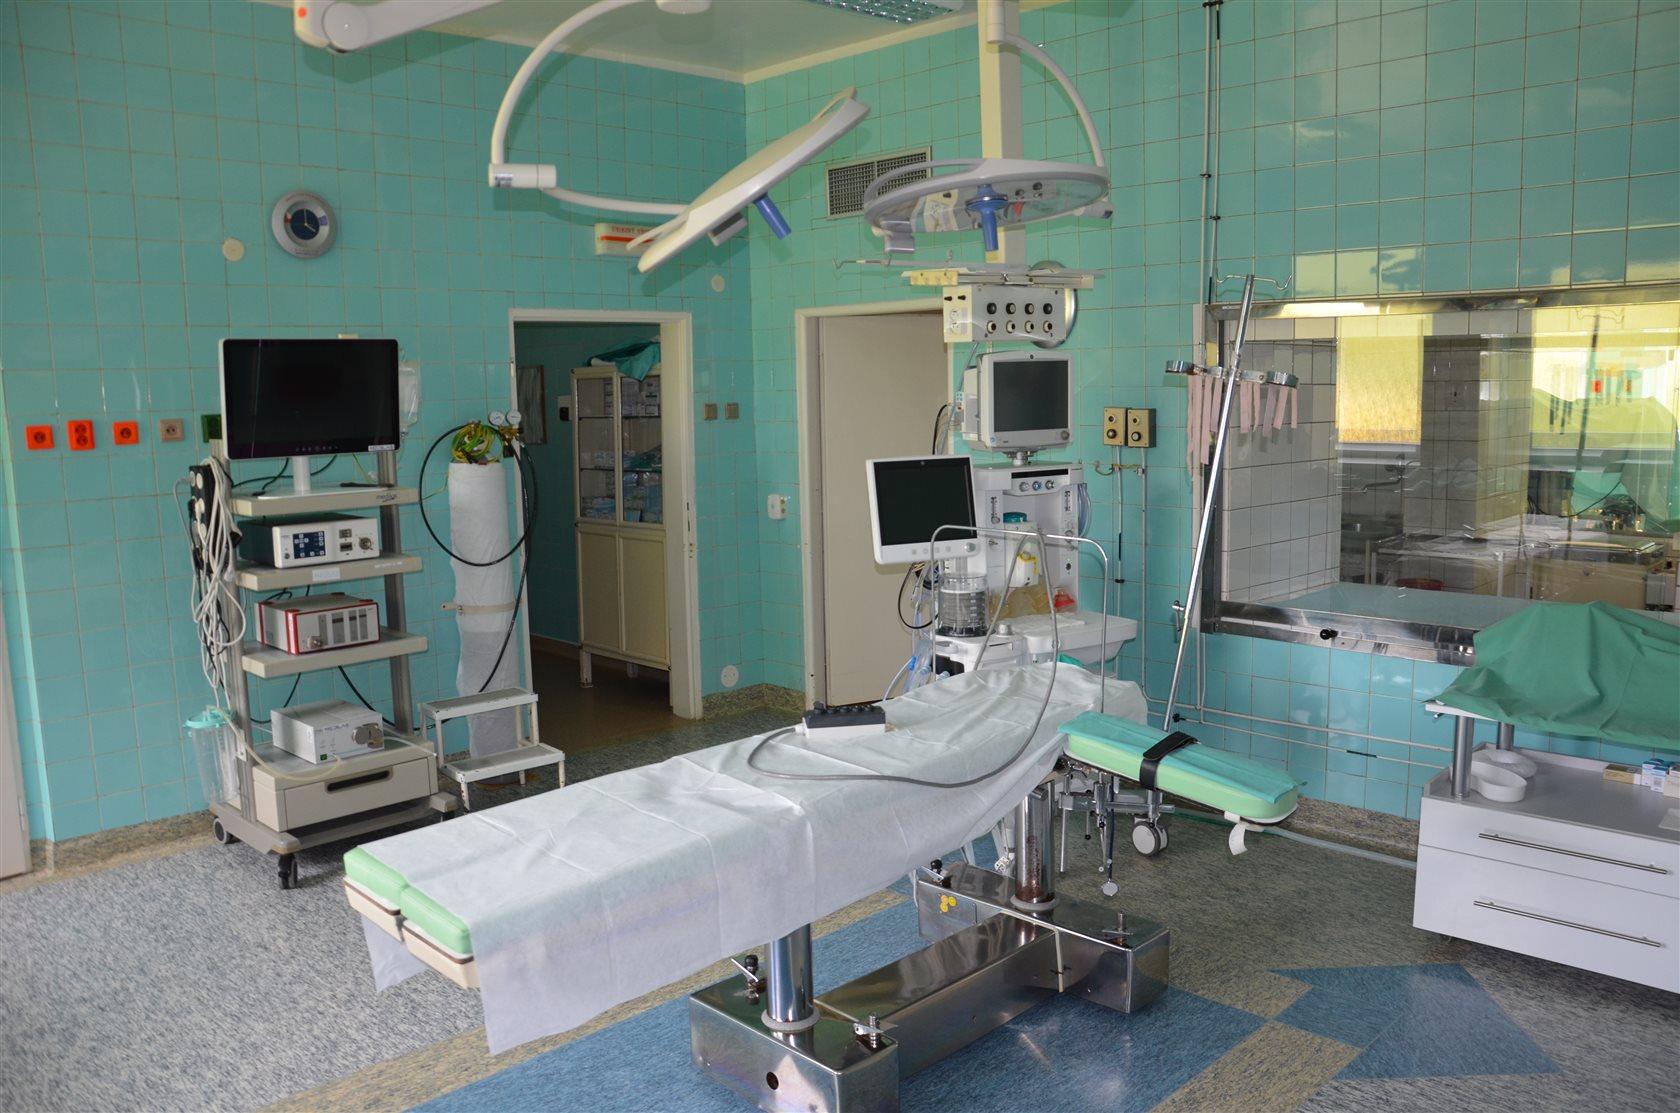 Chirurgicko-traumatologické oddelenie